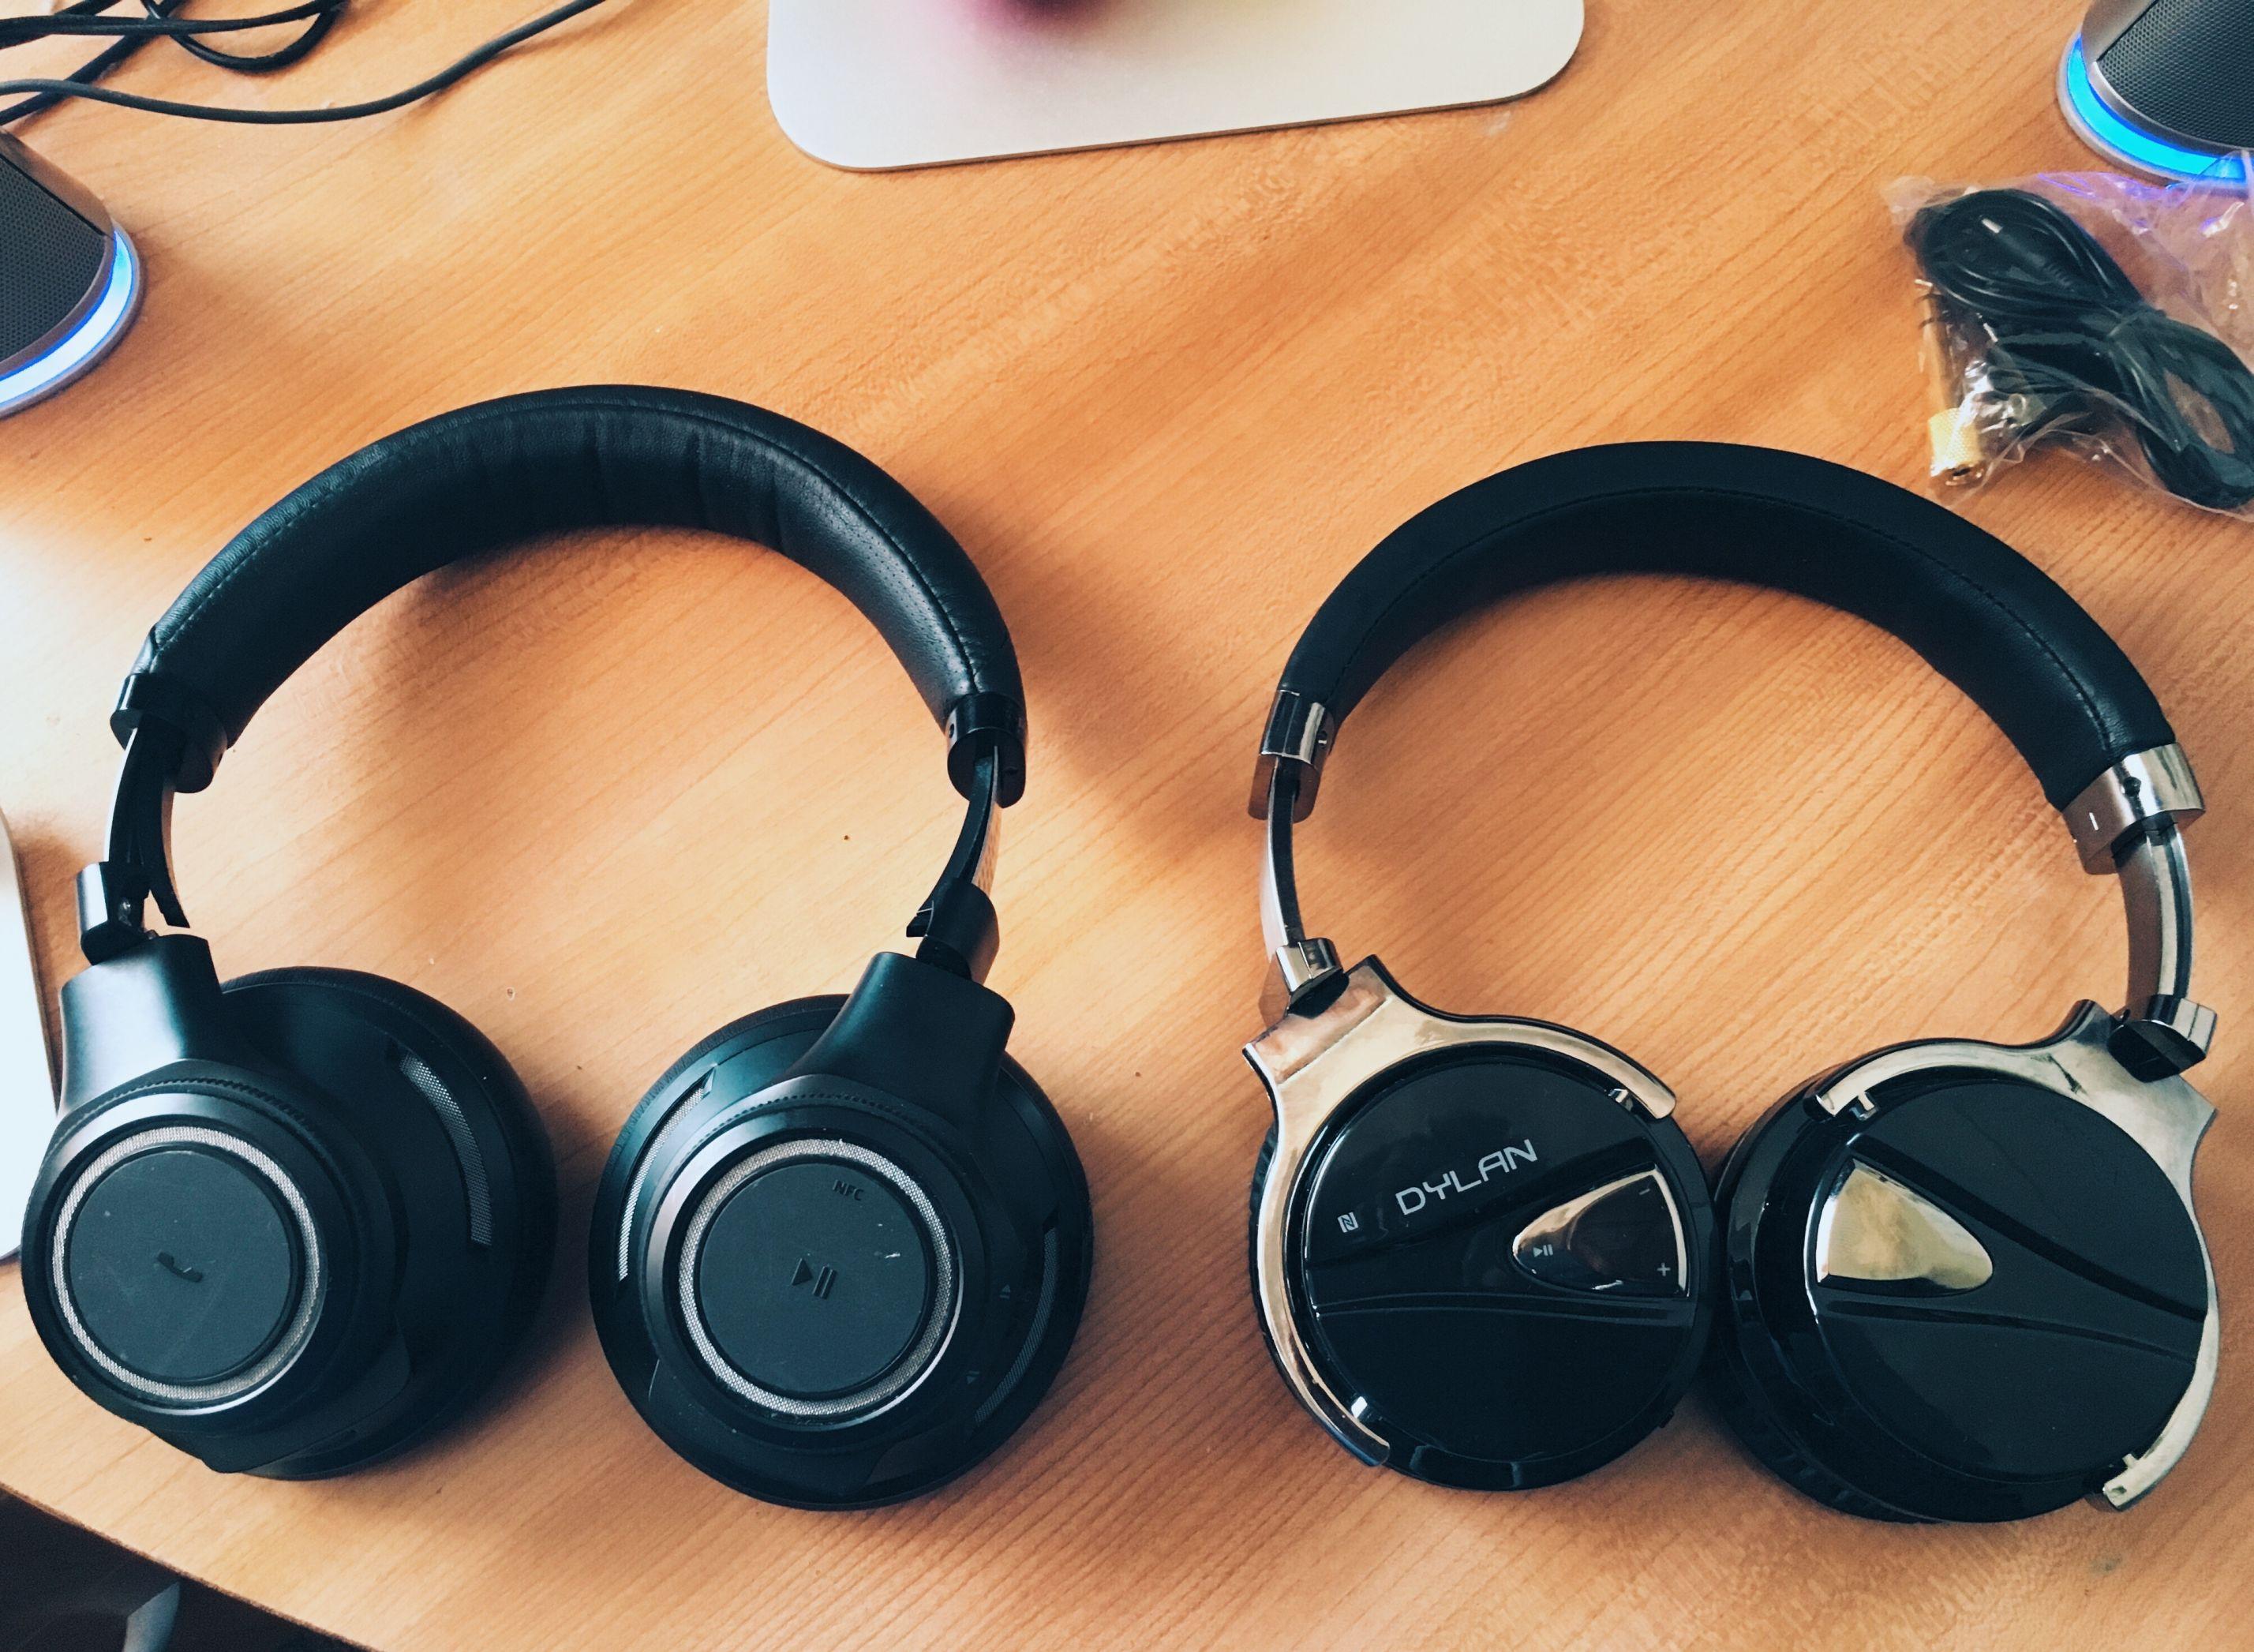 Audio Technica MSR7 Headphones Review